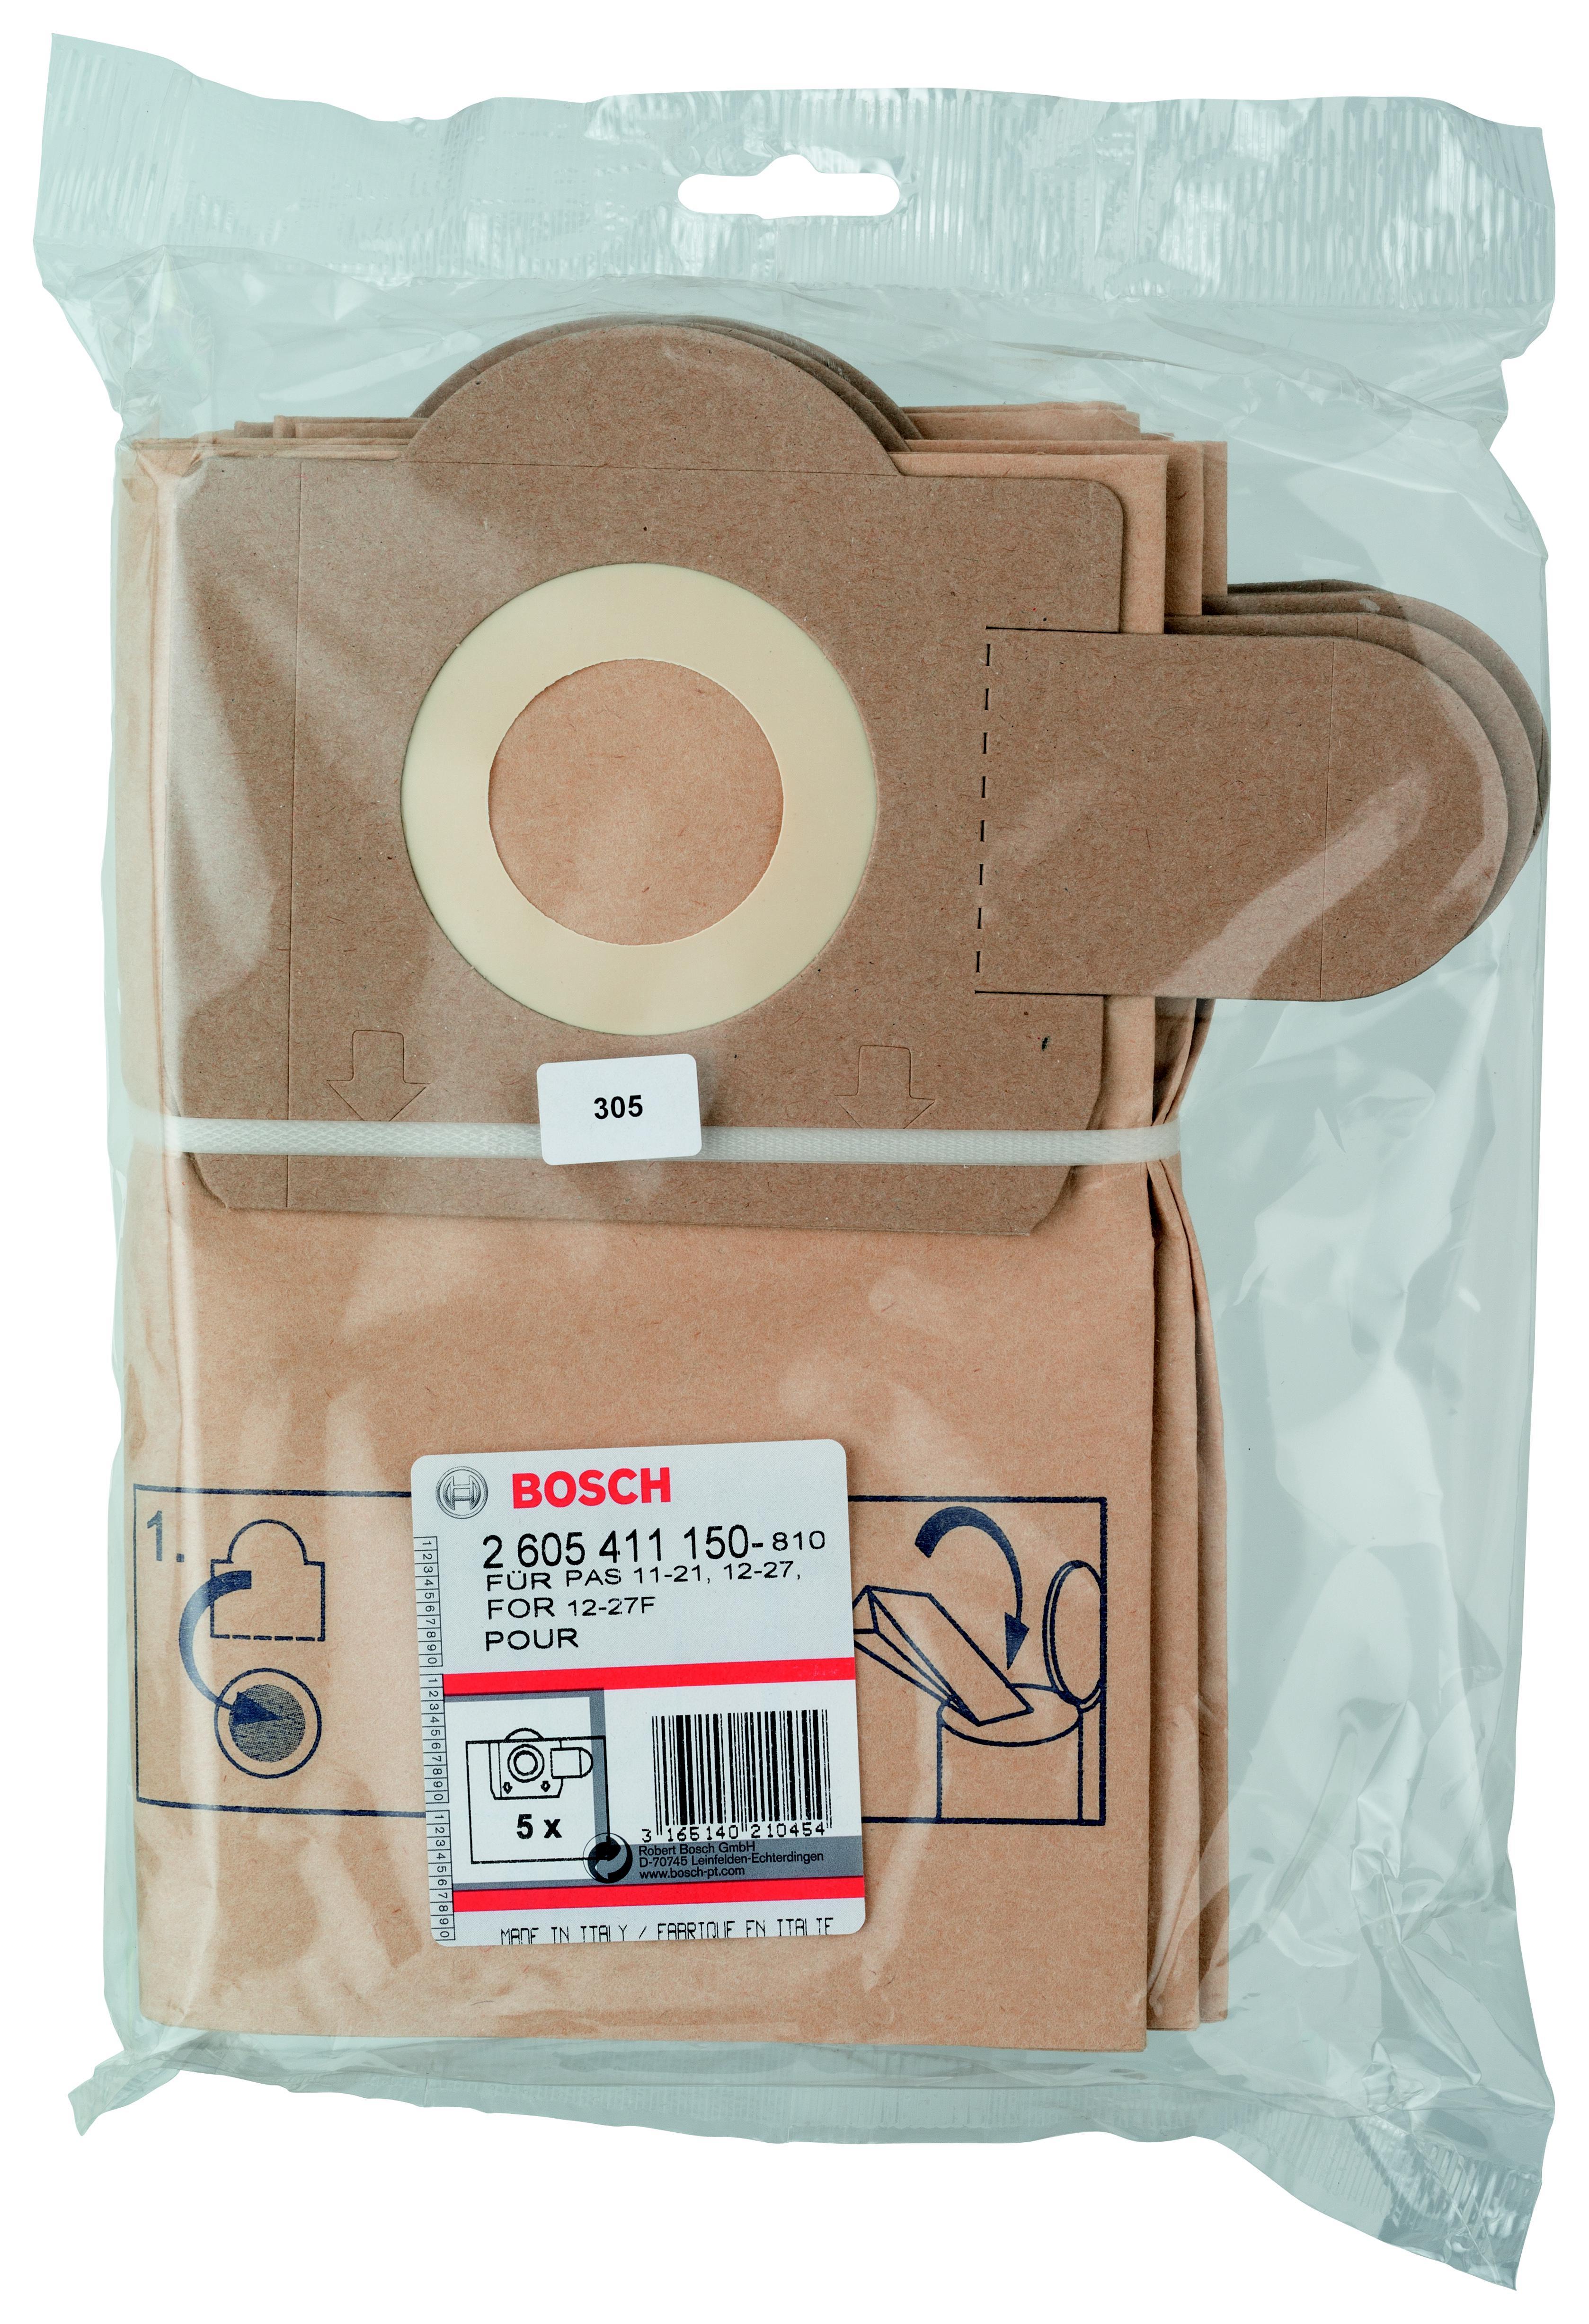 Купить Мешок Bosch для пылесоса pas 11-21 (2.605.411.150), Германия